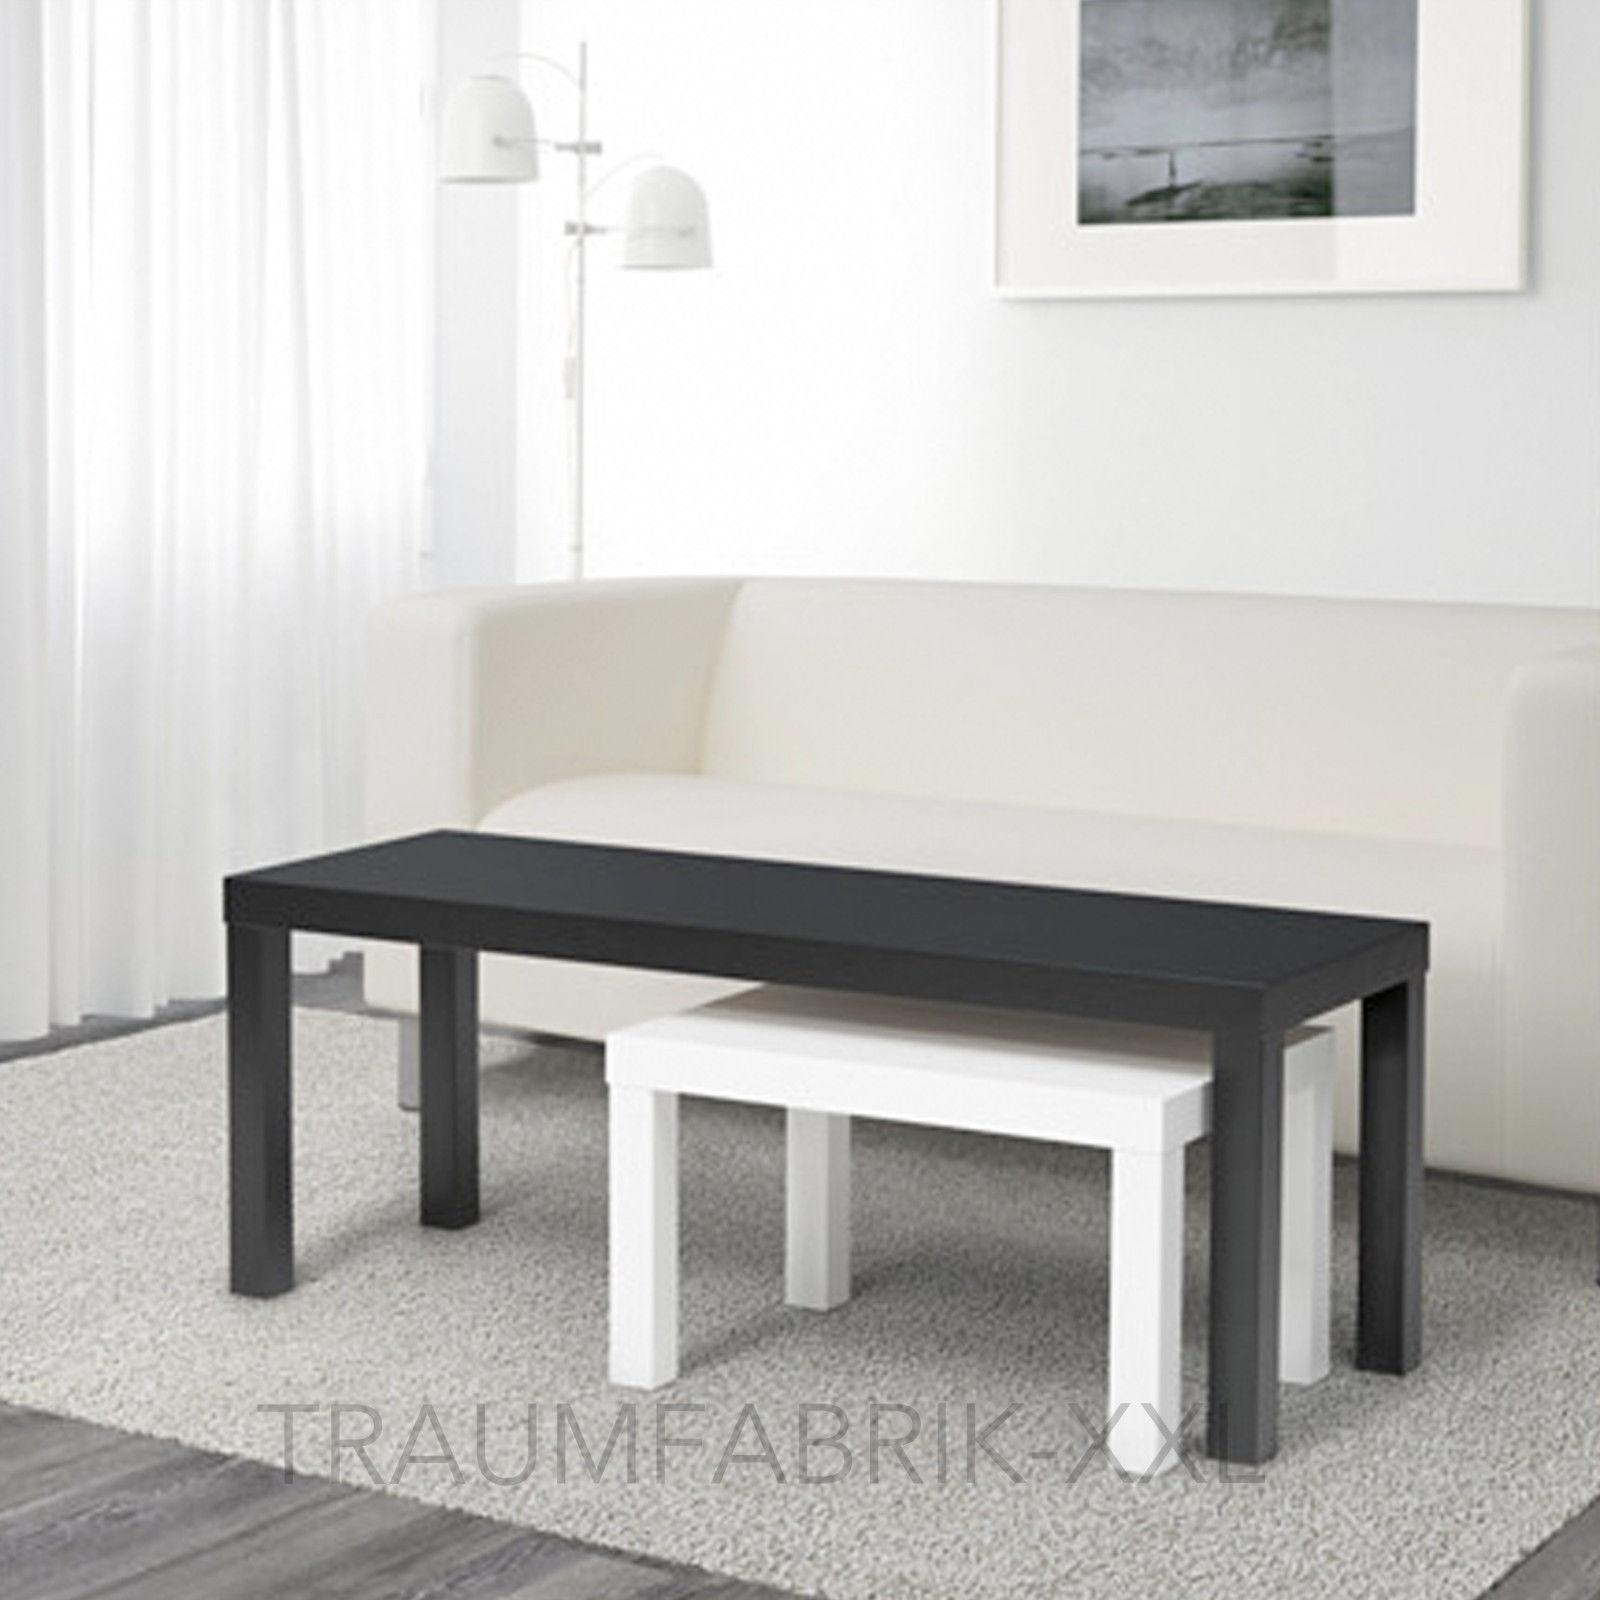 Beistelltisch ikea  Ikea Lack 2er Set Beistelltisch schwarz weiß Couchtisch Wohnzimmertisch  Satz NEU